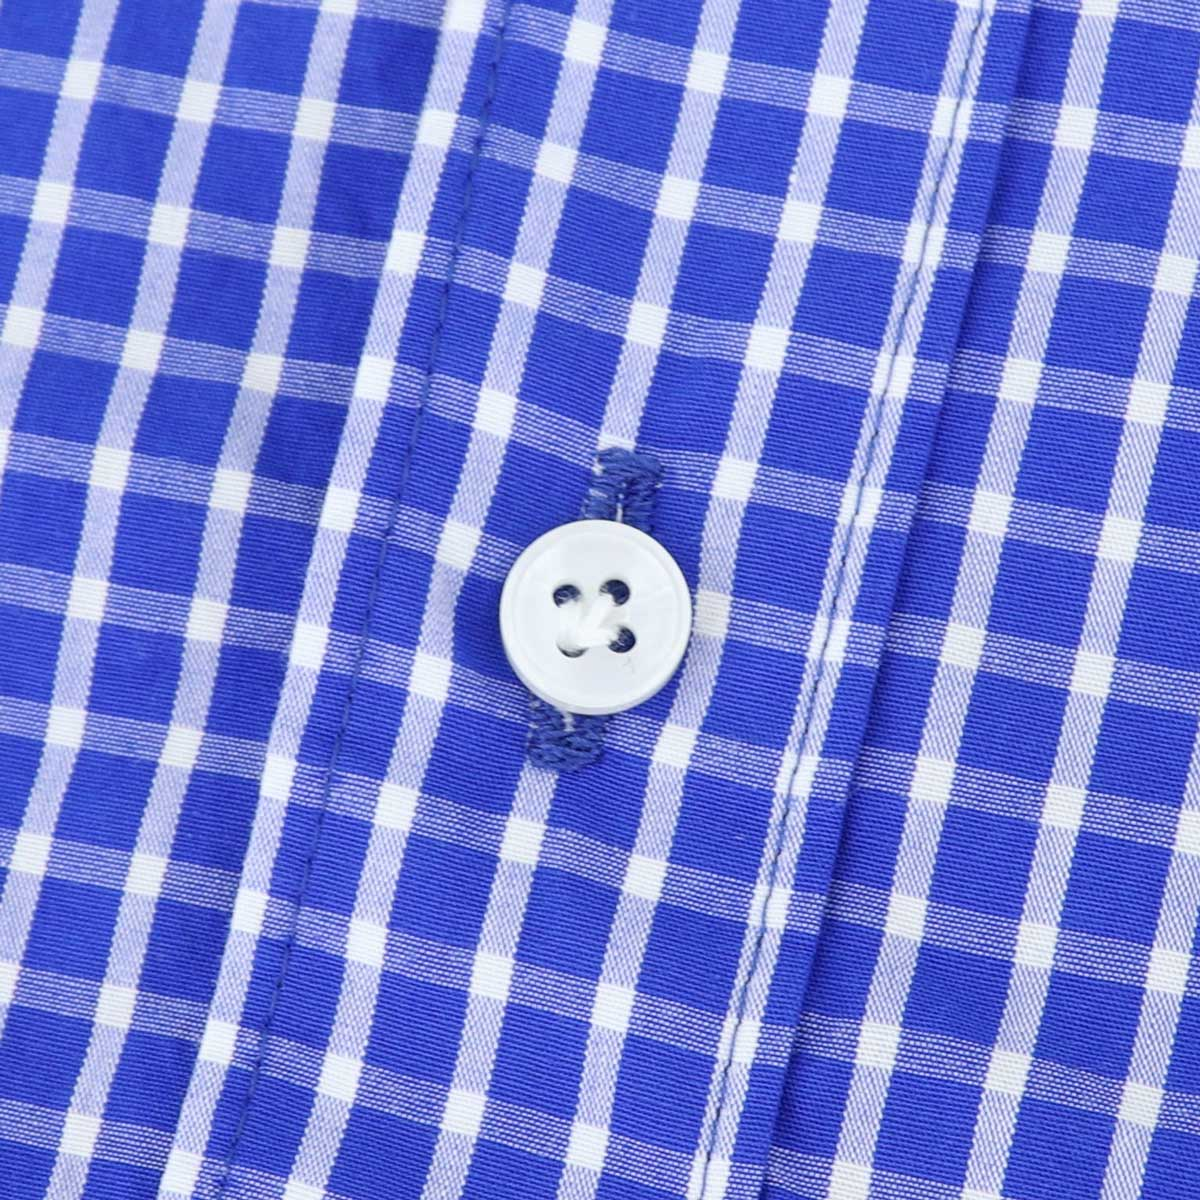 ブロード ウィンドウペンチェック ホリゾンタルカラーシャツ (BLUE)